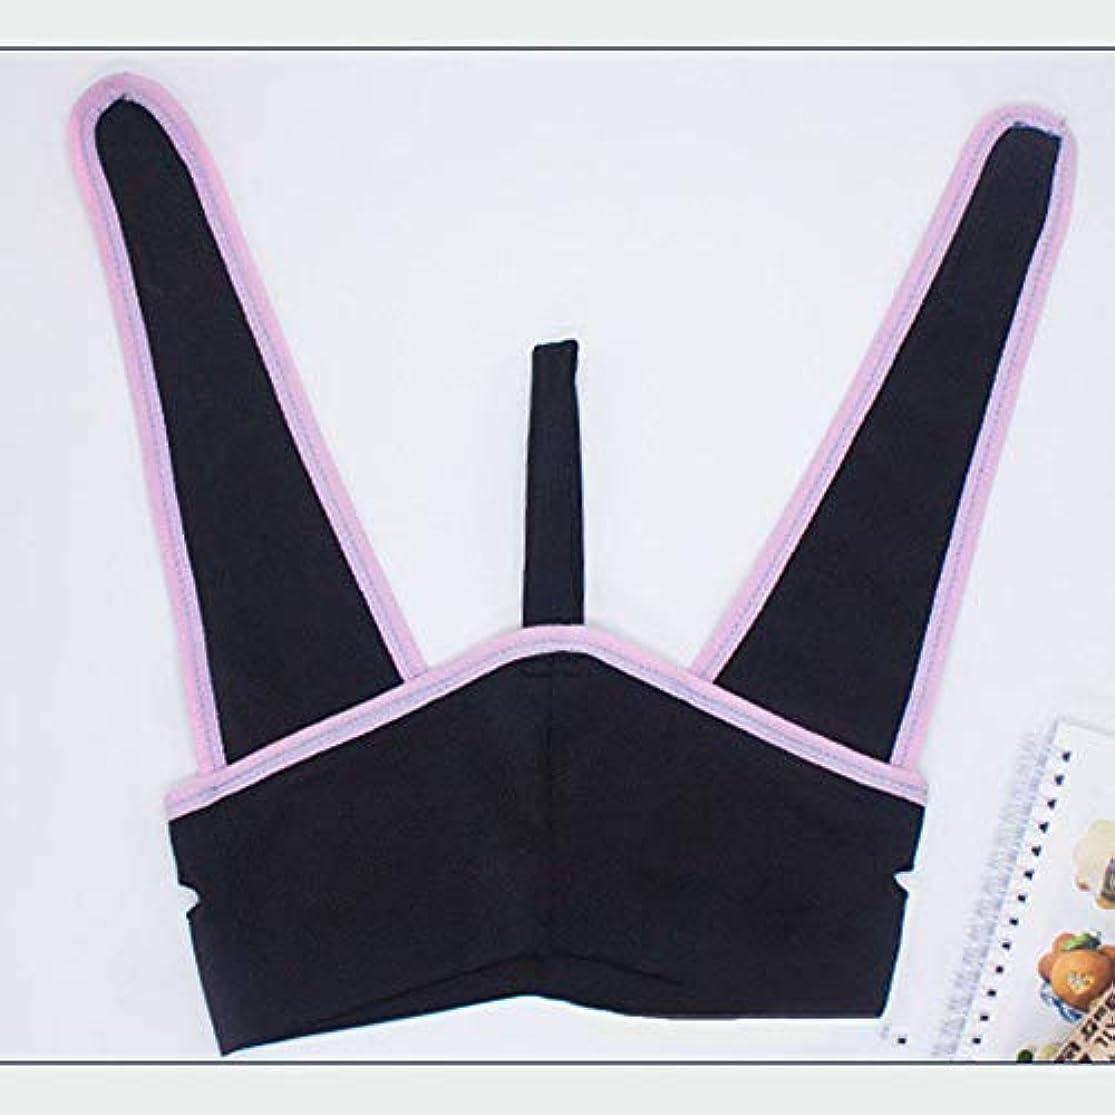 帝国スリンク重荷フェイスリフティング包帯、フェイスリフティングマスク/フェイスリフティングマスク/マスク包帯リフティング引き締めフェイスリフト二重あご女性抗脂肪,L